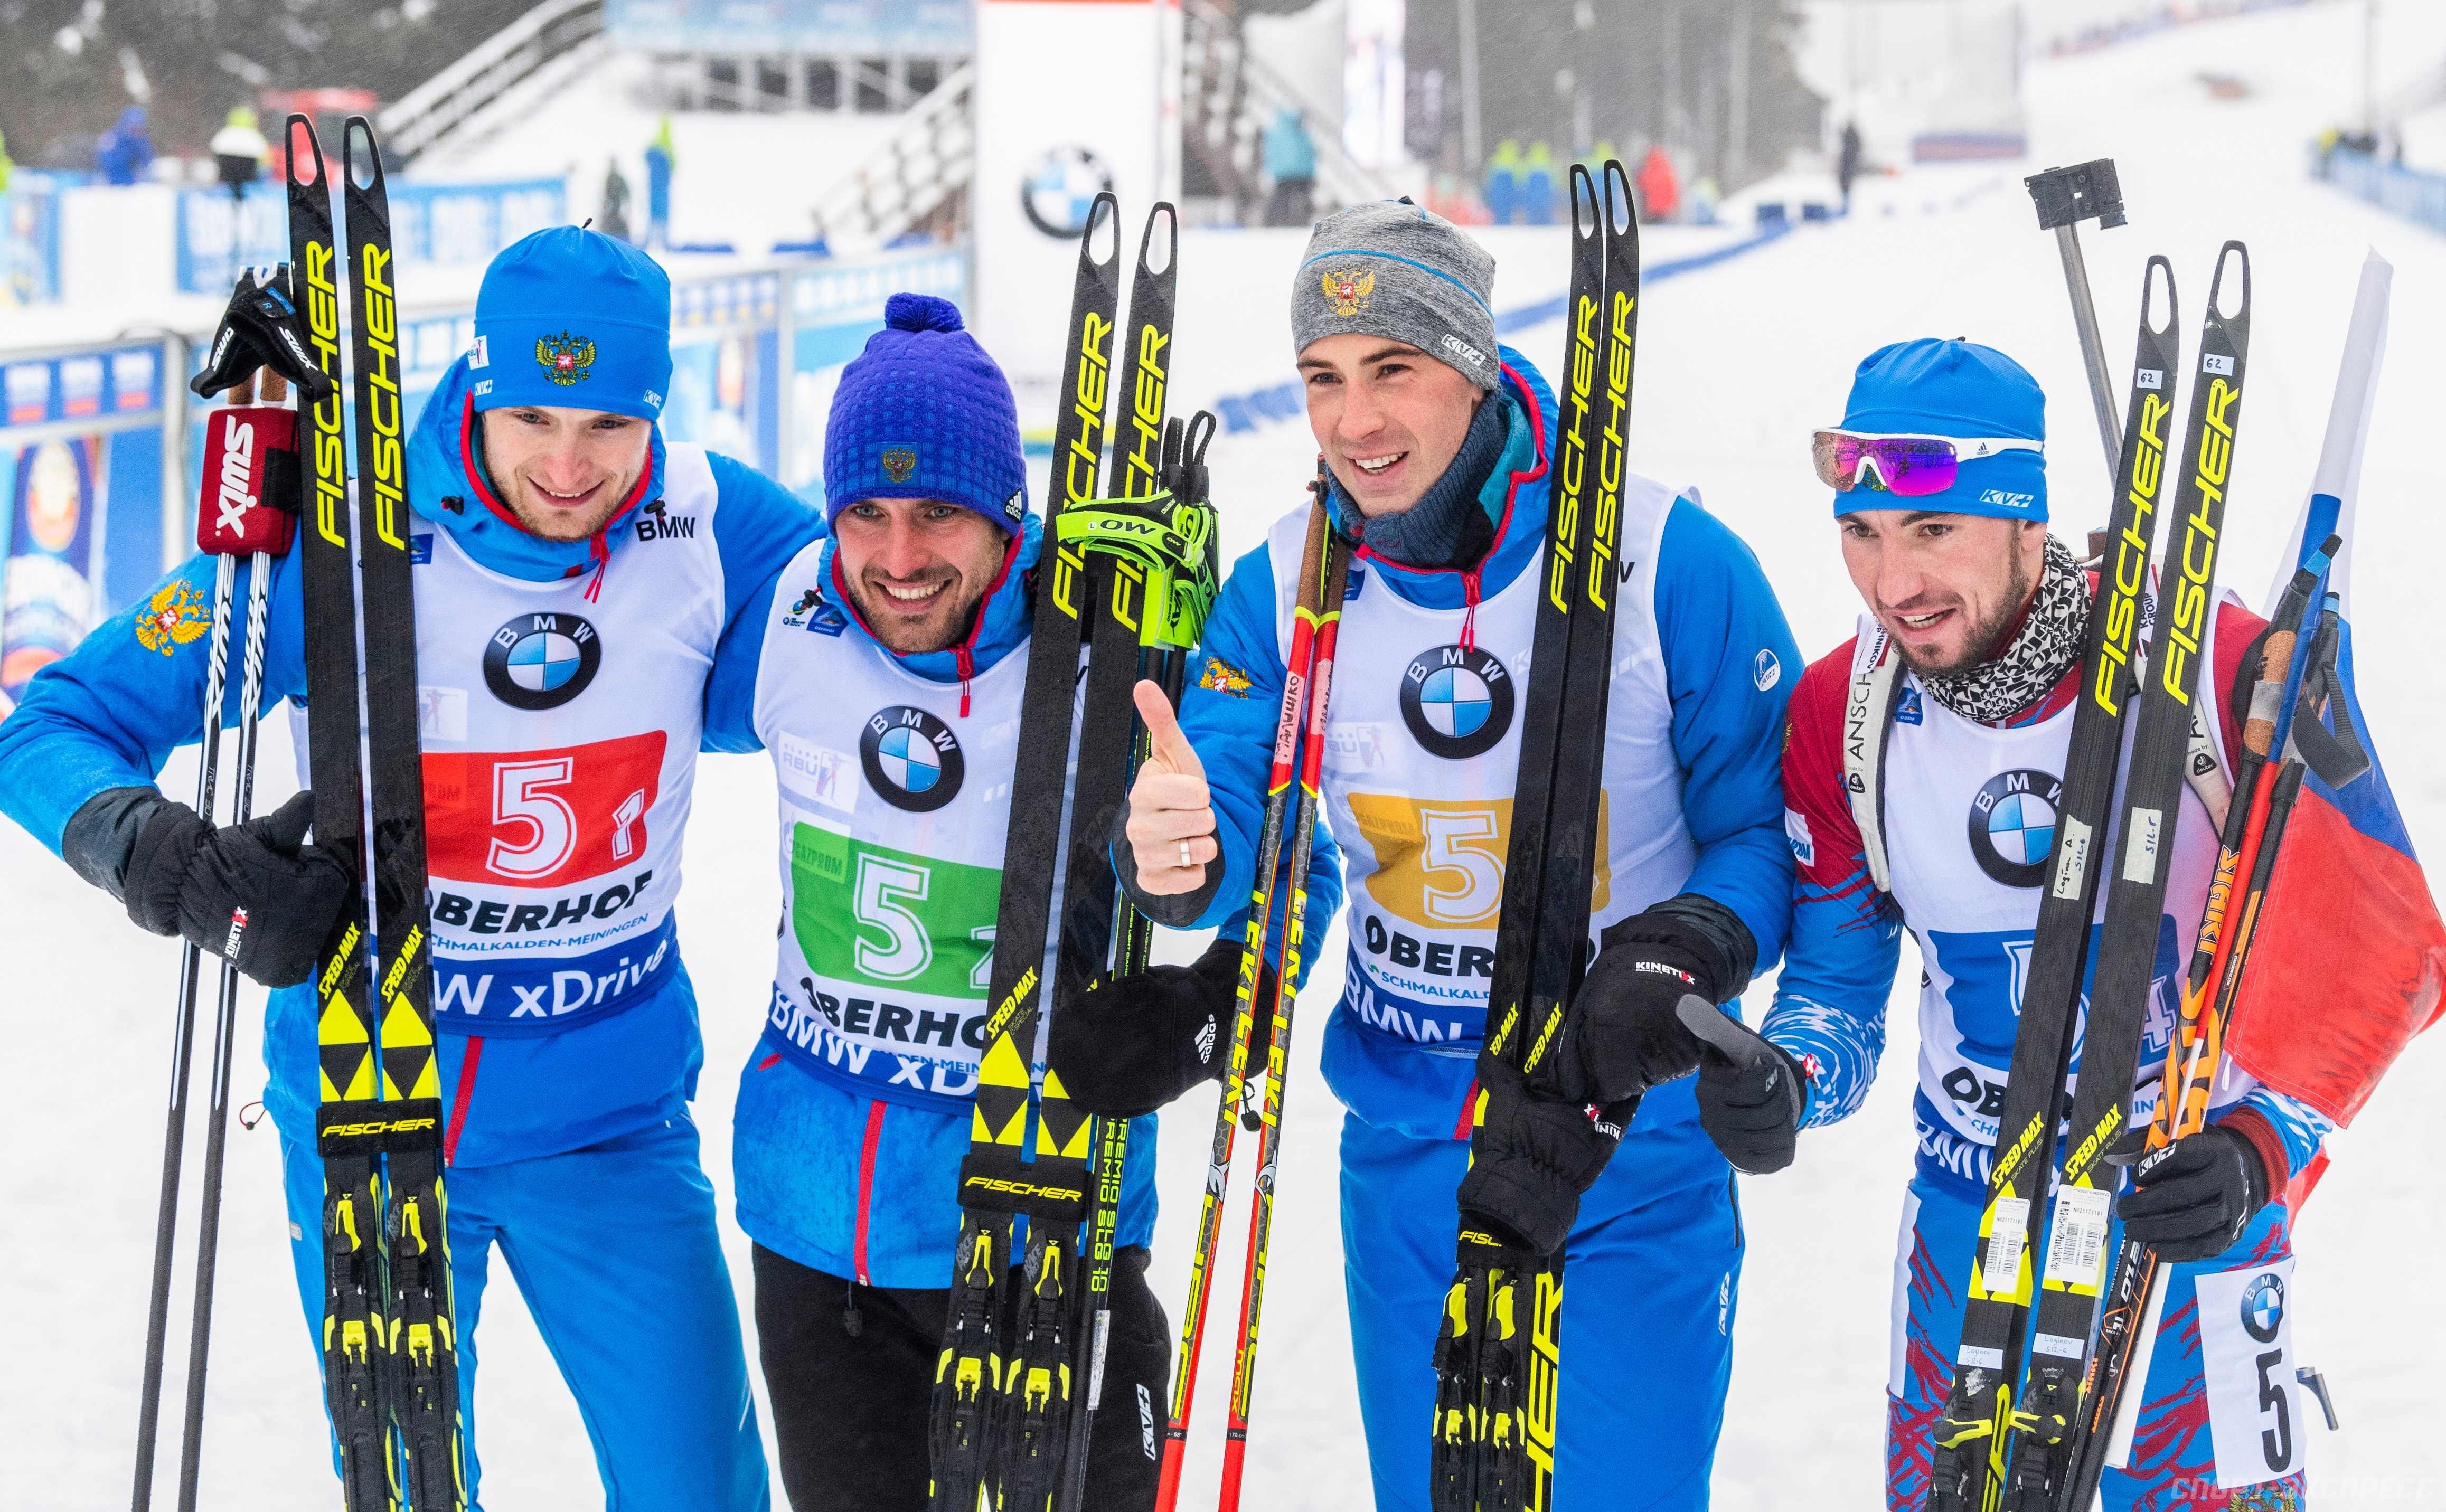 http://ss.sport-express.ru/userfiles/materials/135/1357792/origin.jpg